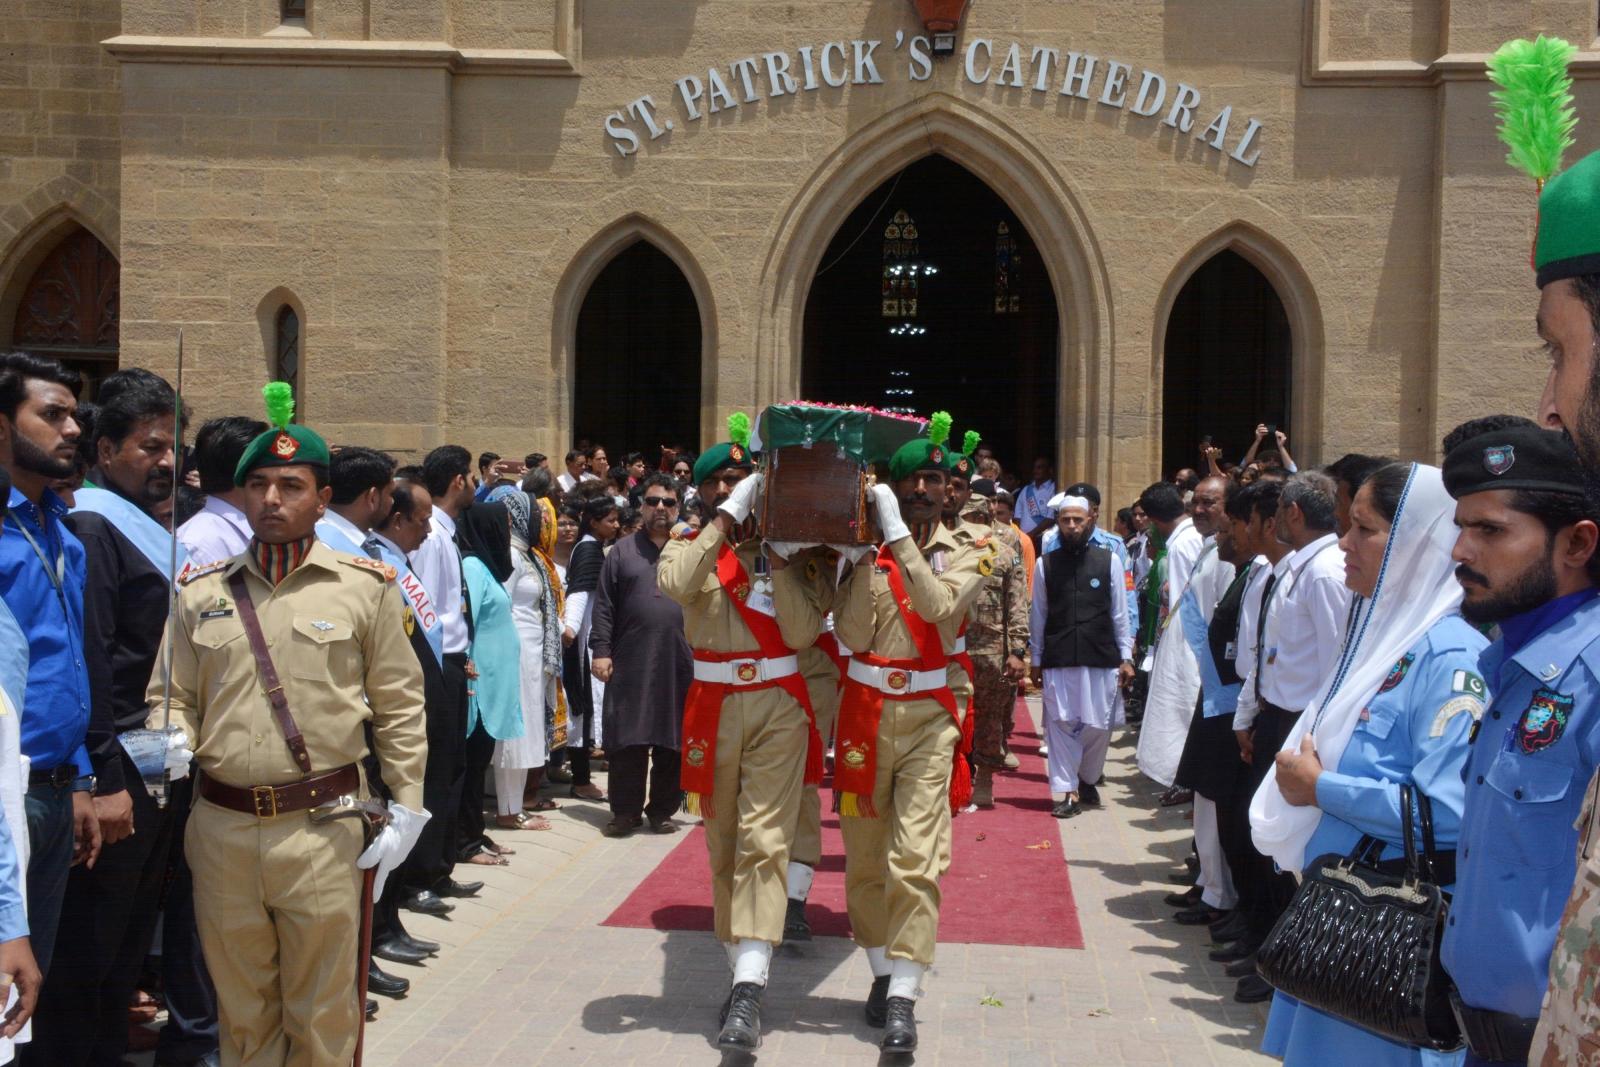 Pakistański pogrzeb siostry Ruth Pfau